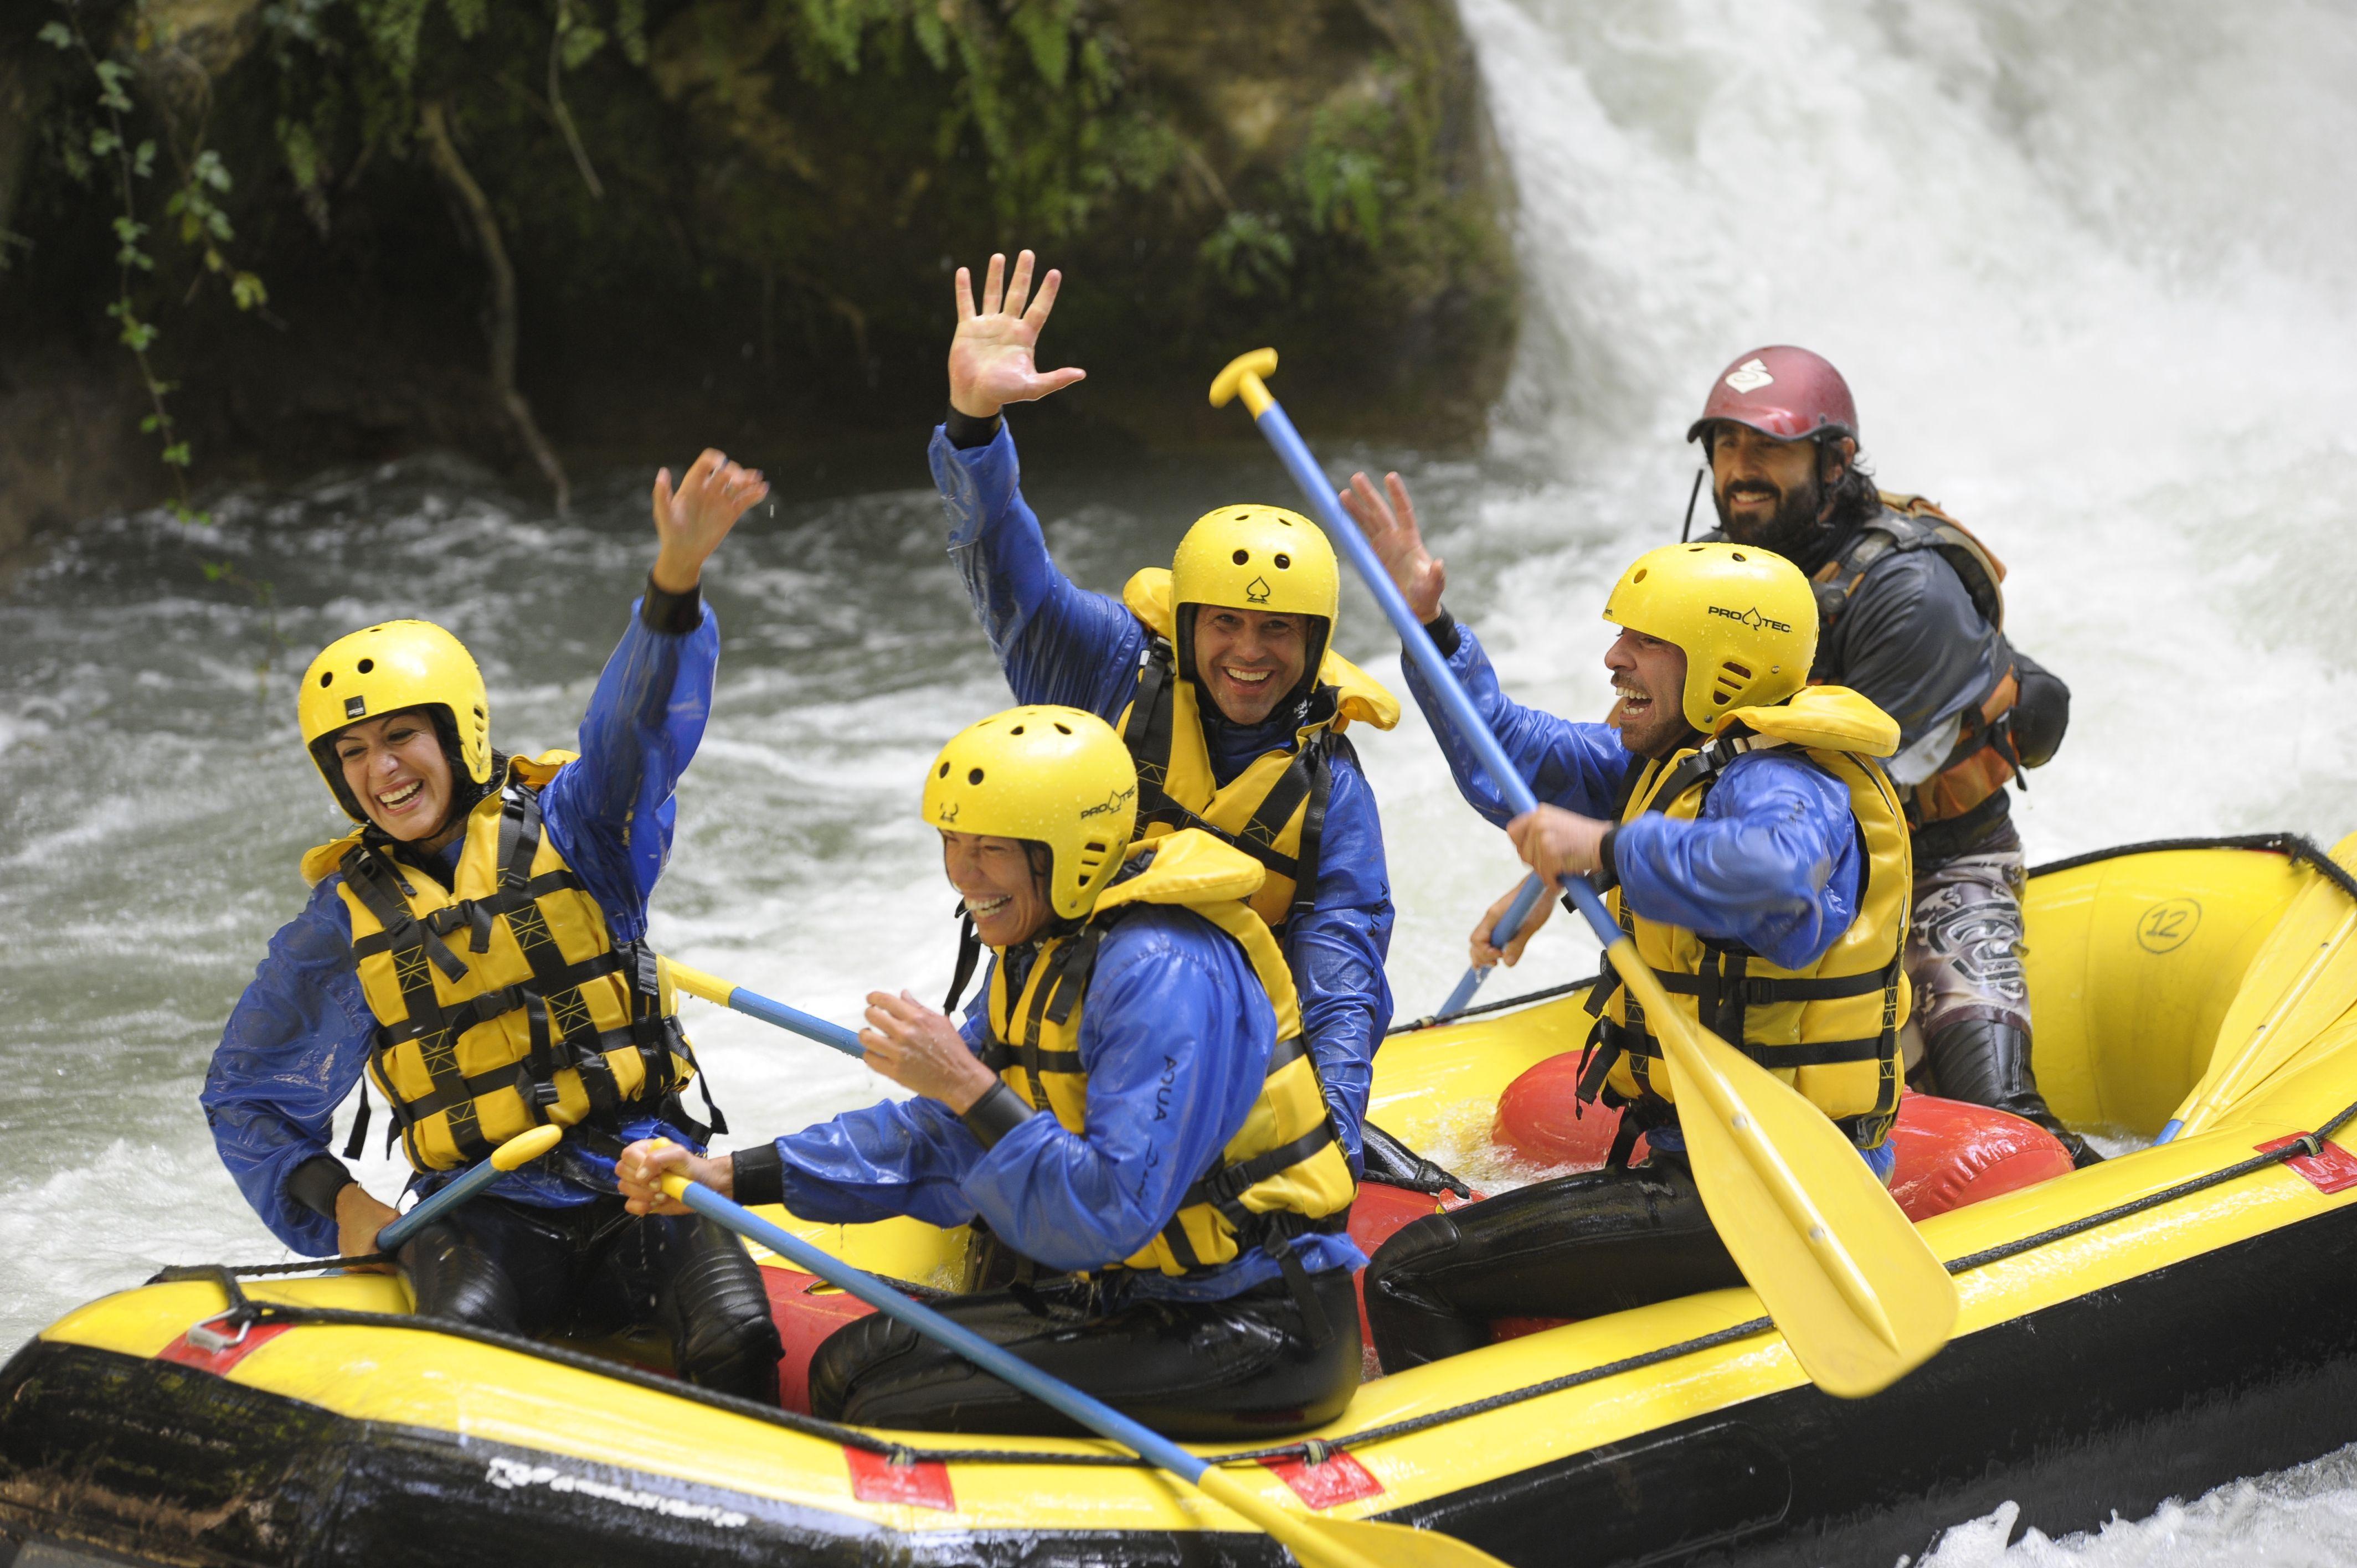 """La nostra guida e il suo equipaggio, nel fiume Nera sotto le cascate delle marmore, subito dopo la rapida dei """"tre salti"""" di IV grado!!!"""